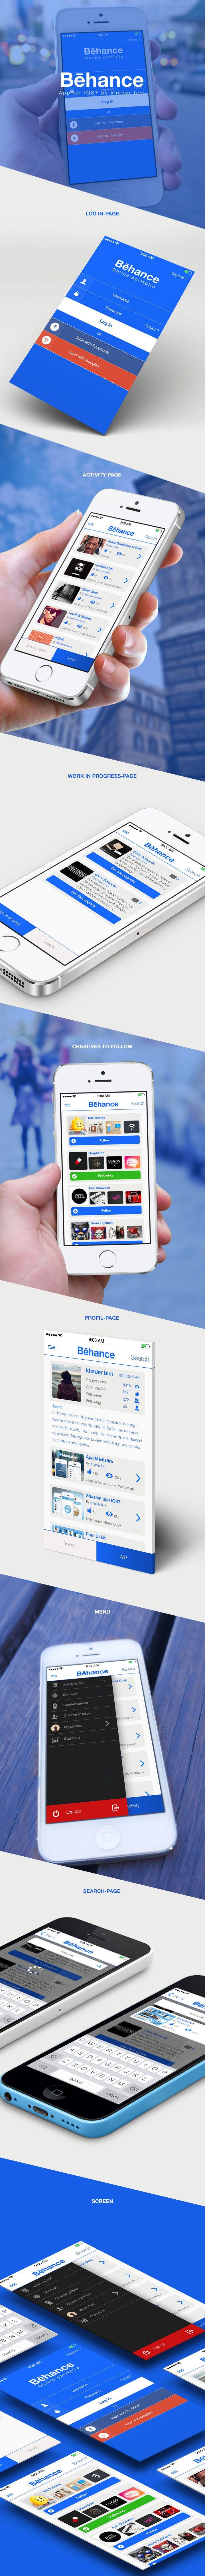 Daily Mobile UI Design Inspiration #255